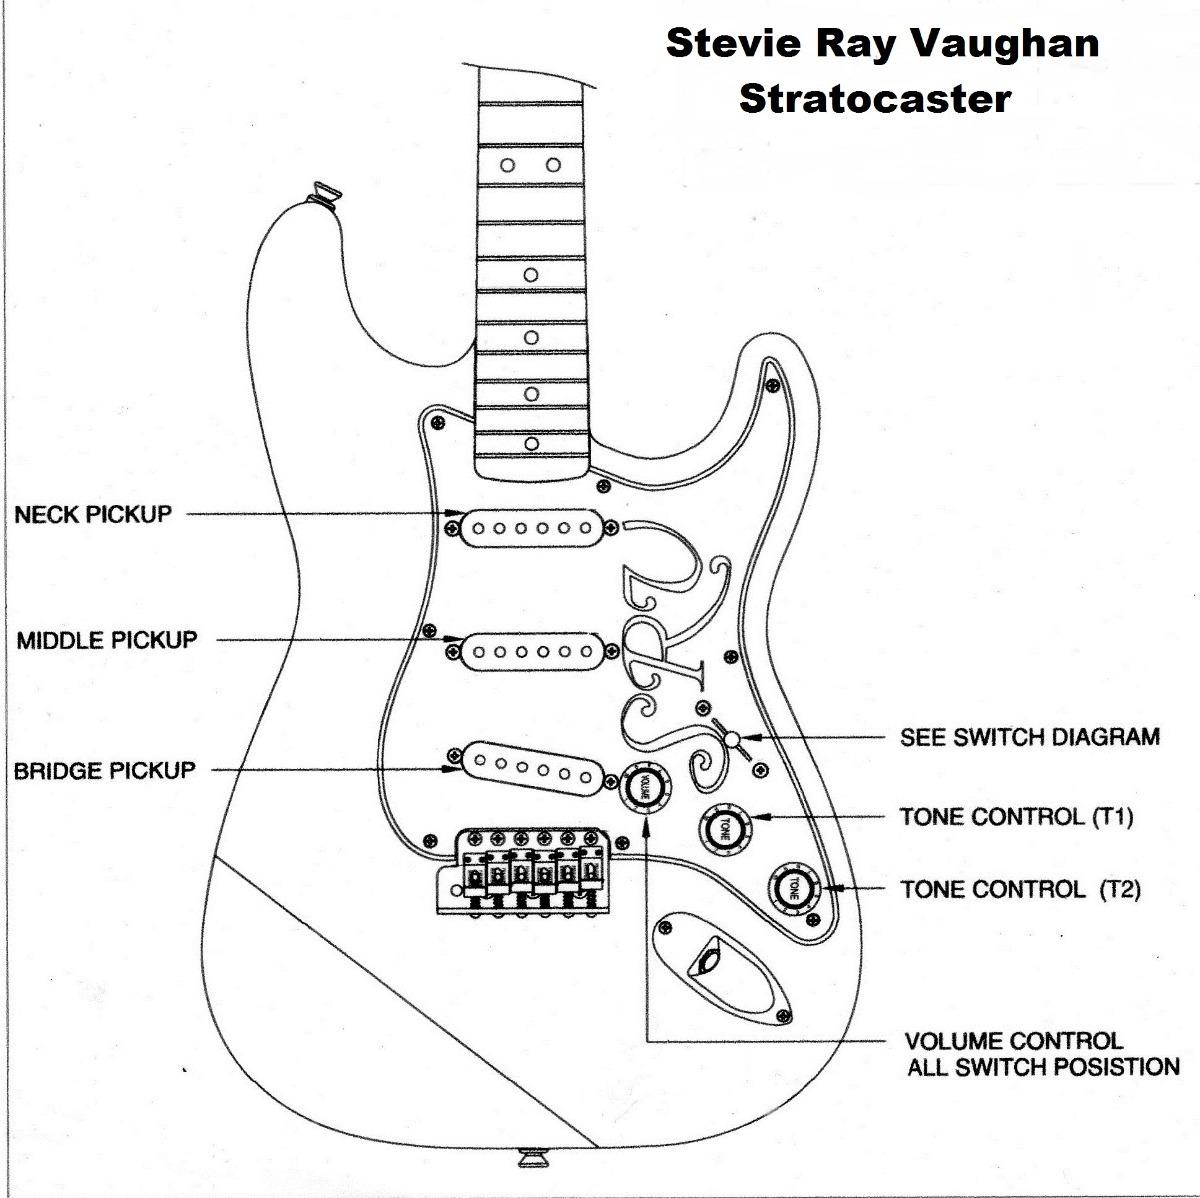 Jimmie Vaughan Stratocaster Wiring Diagram. Jimmie Vaughan ... on